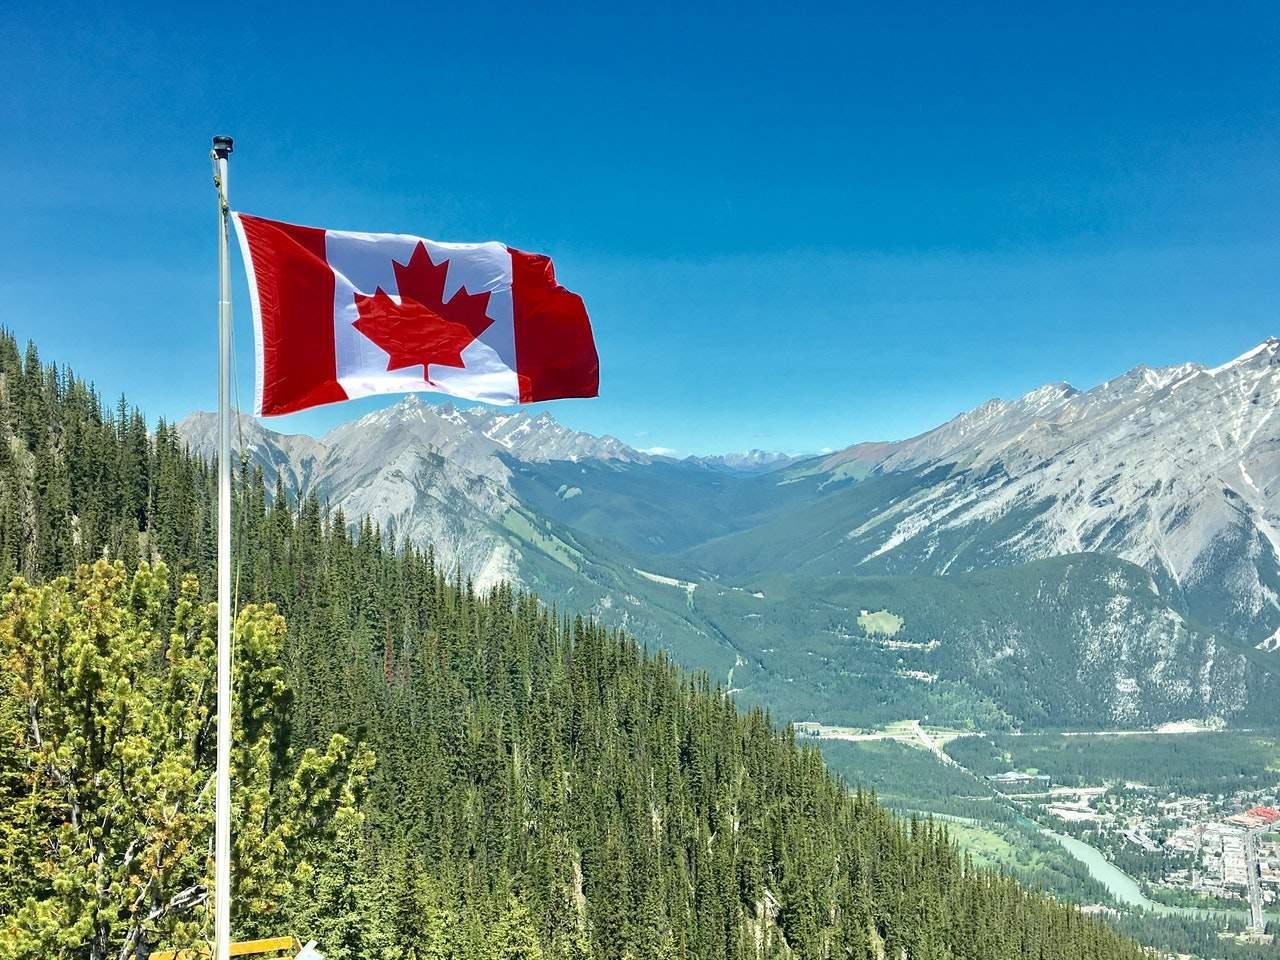 ¿Quieres viajar a Canadá? Puedes empezar a planearlo 1